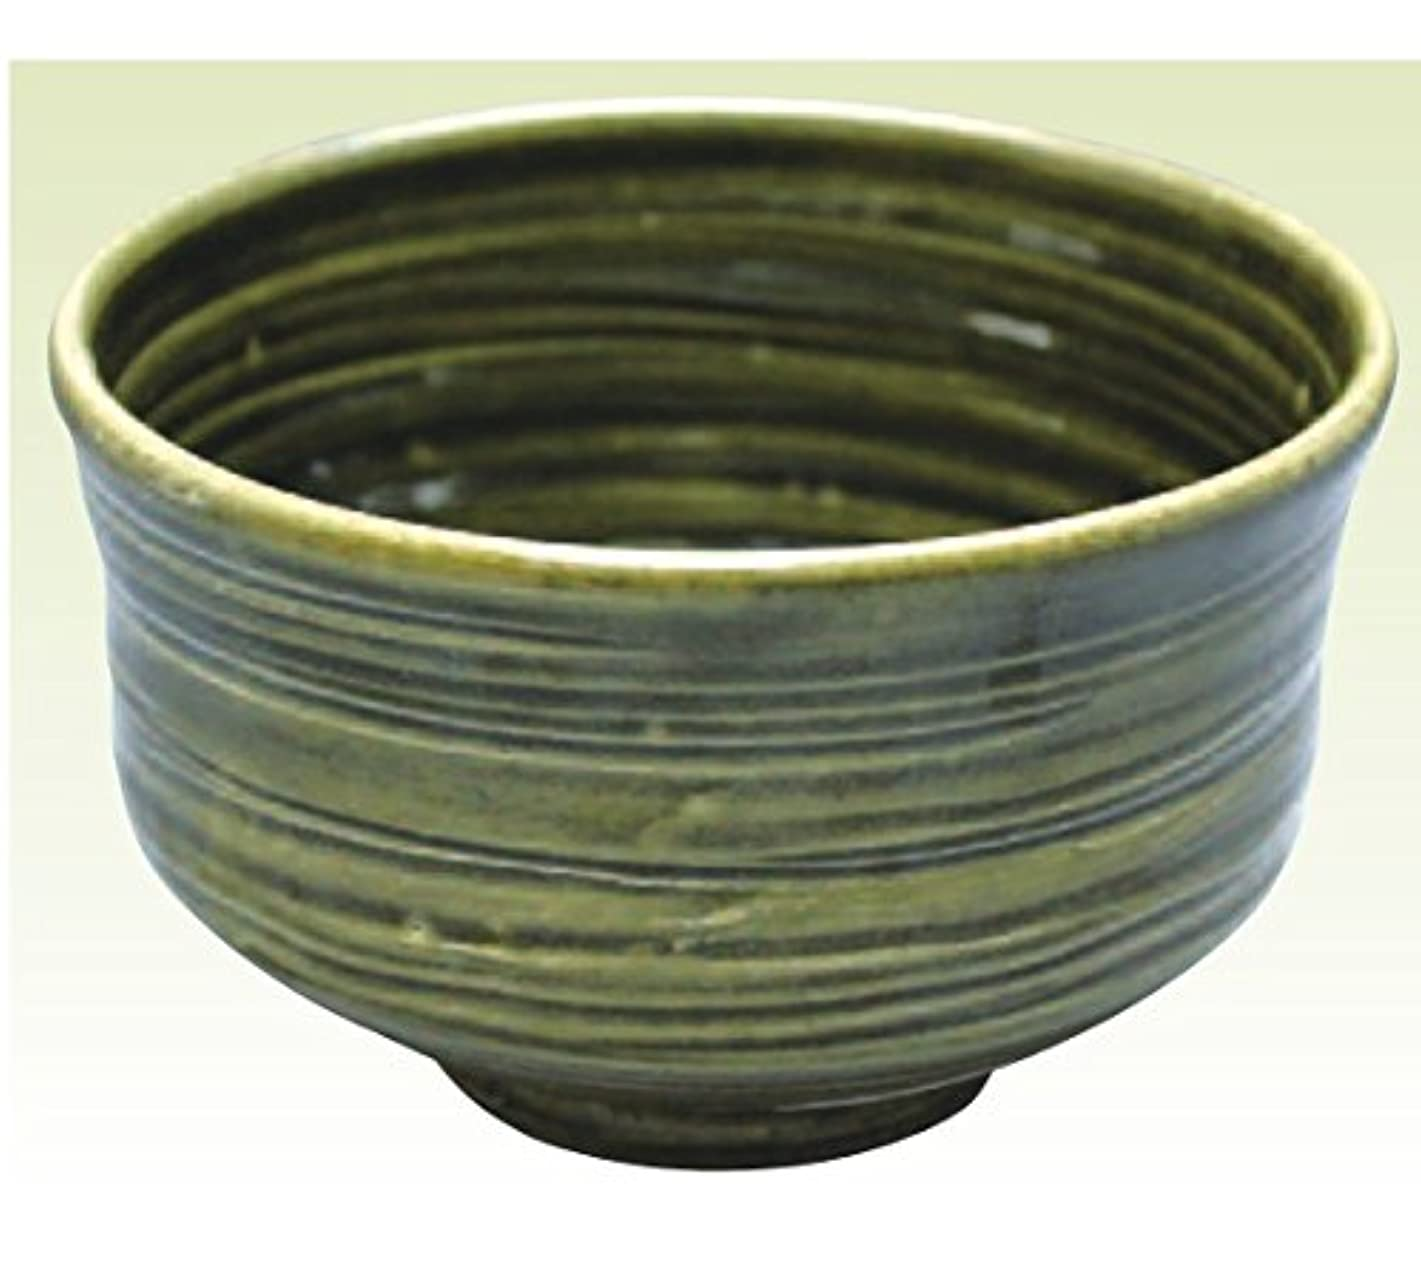 祖先引き出しすすり泣き常滑焼 焜清作 抹茶茶碗織部径13×高さ8cm